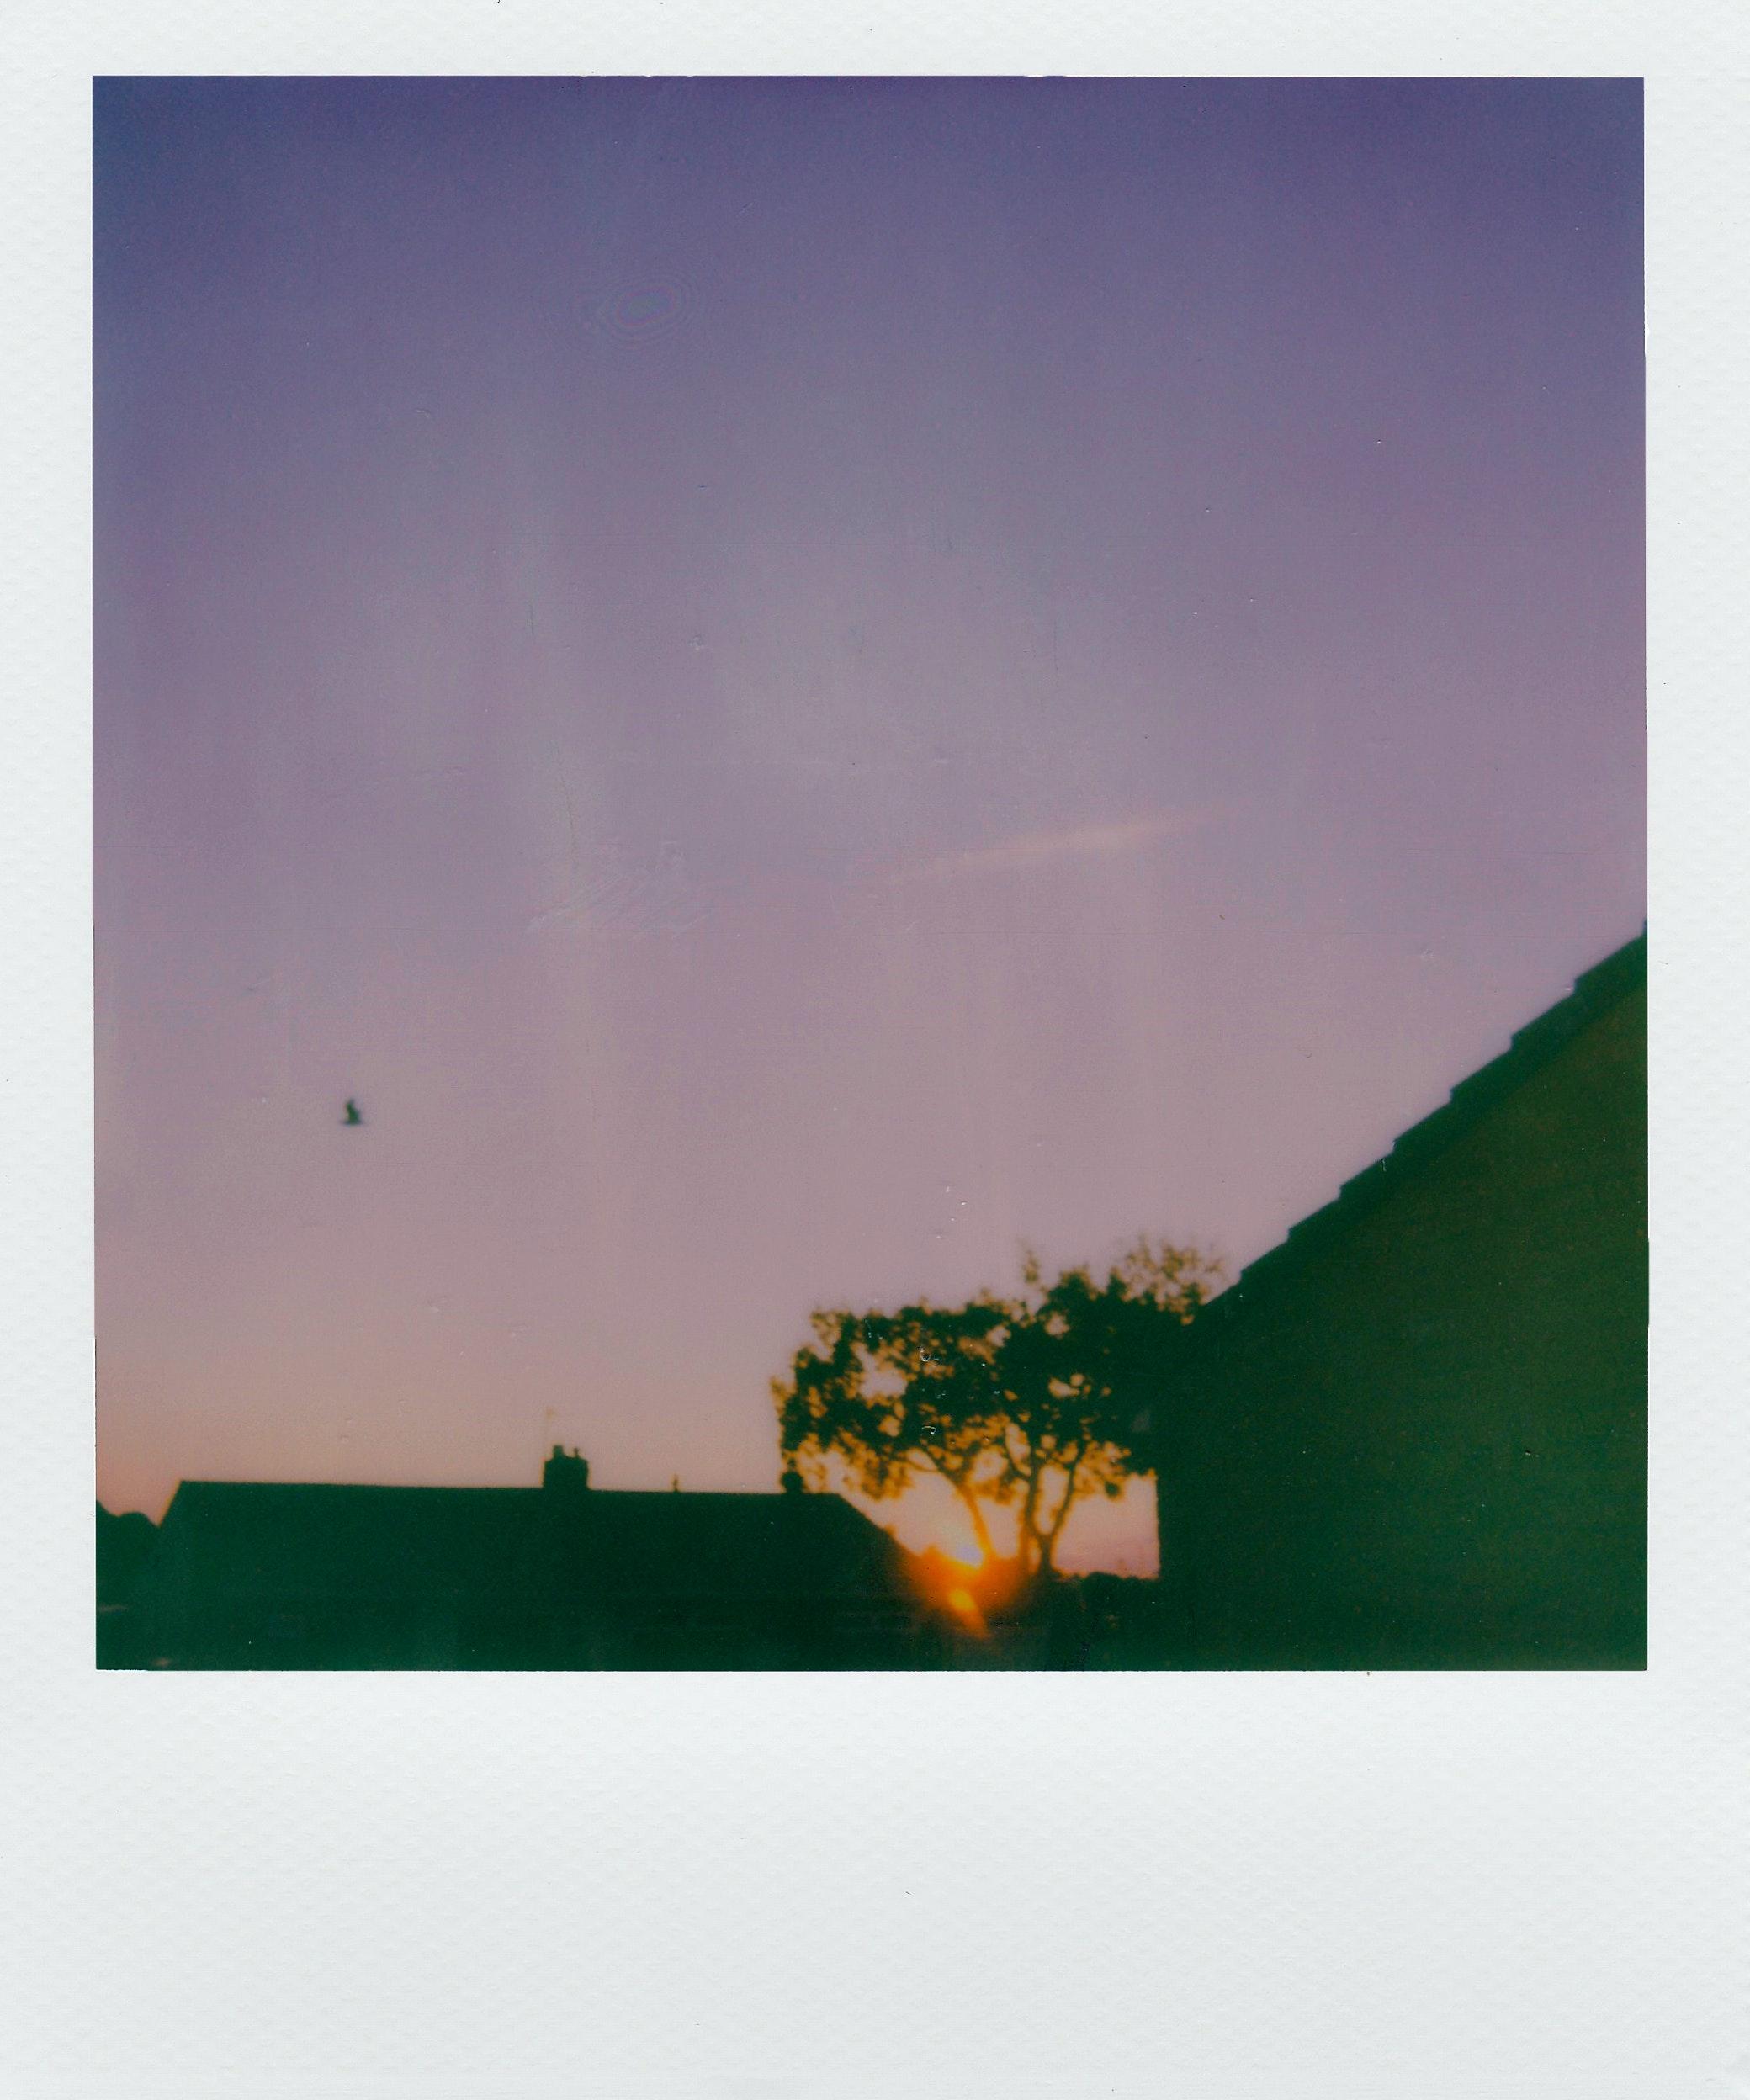 dawn-dusk-film-2343087.jpg